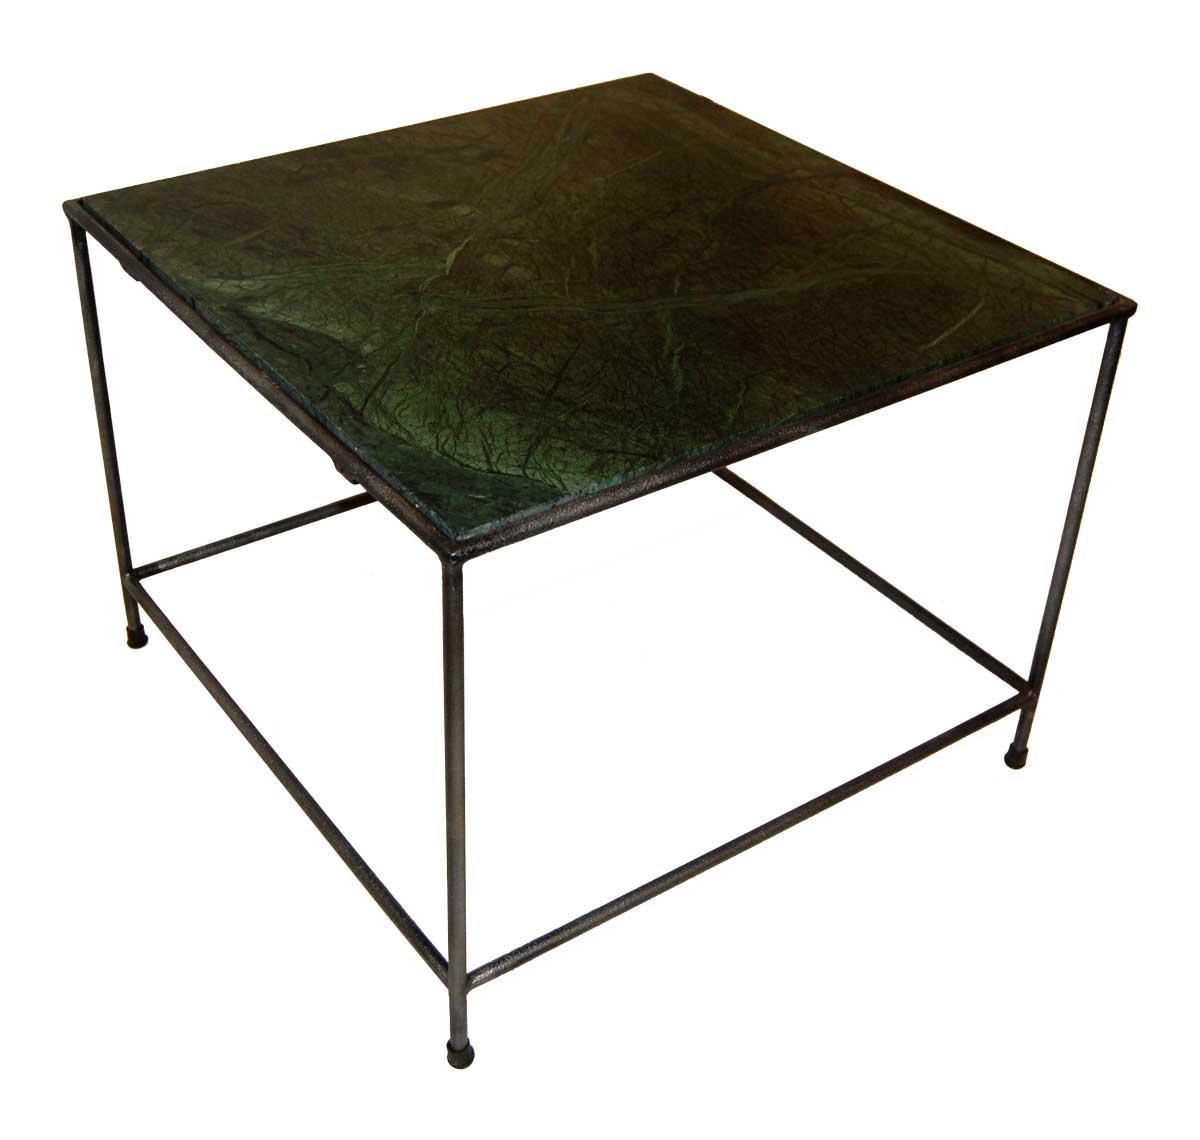 TRADEMARK LIVING sofabord - grn marmorplade og jernstel (60x60)